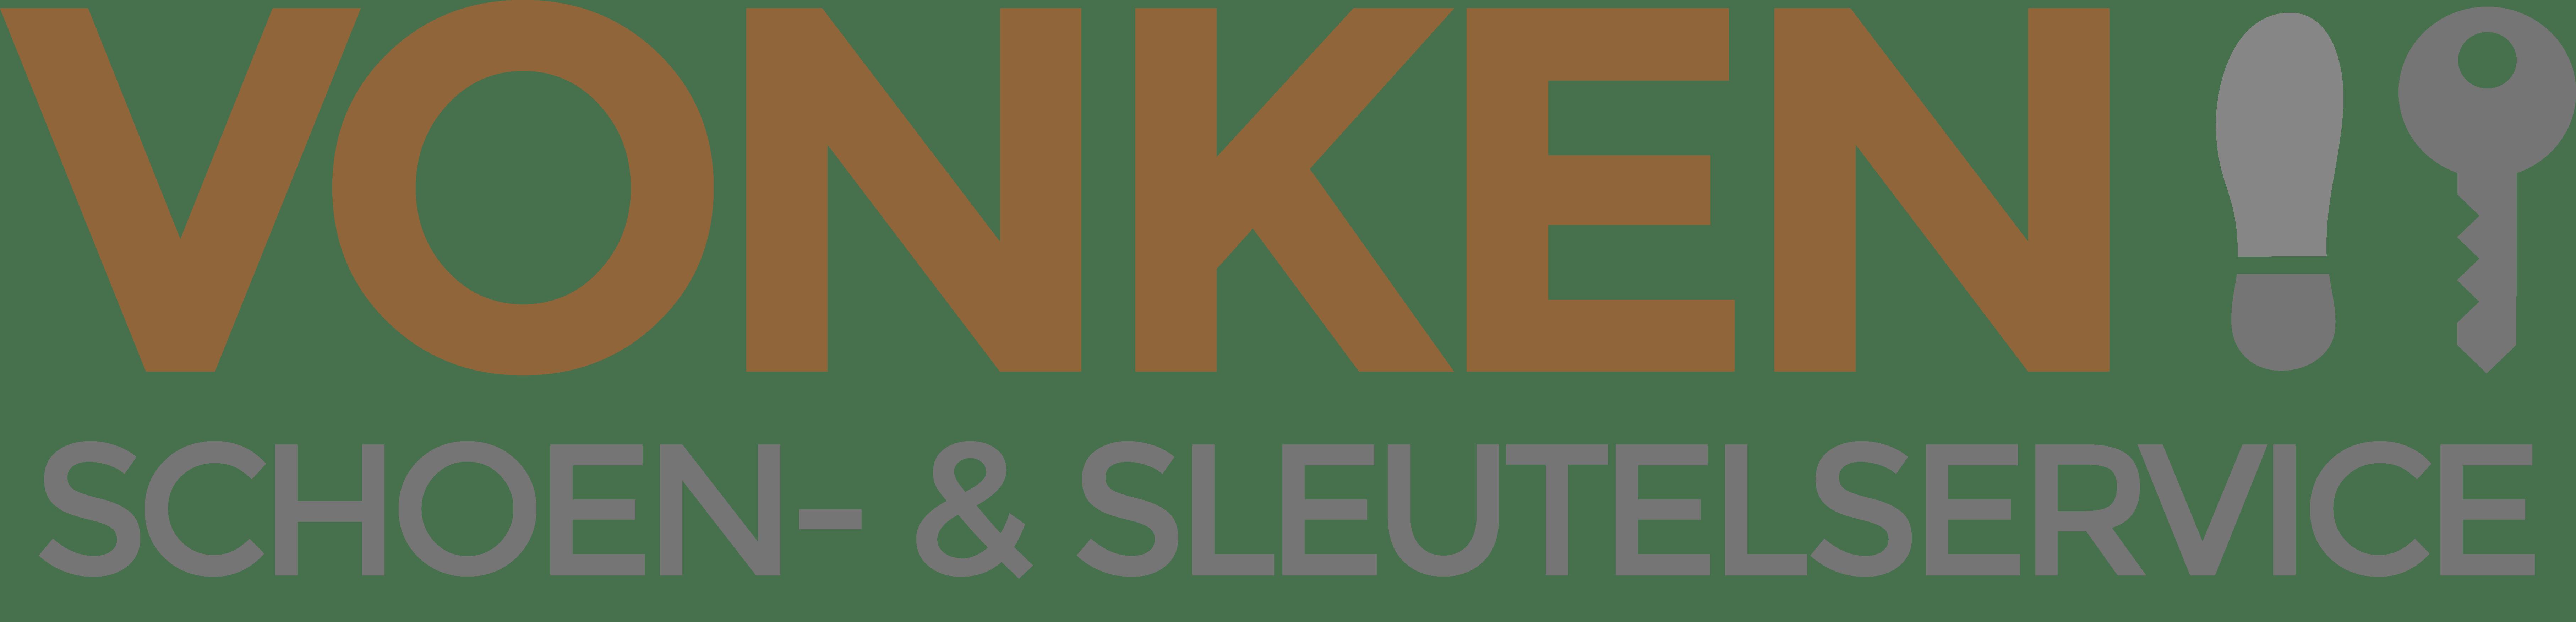 Vonken Schoen- & Sleutelservice